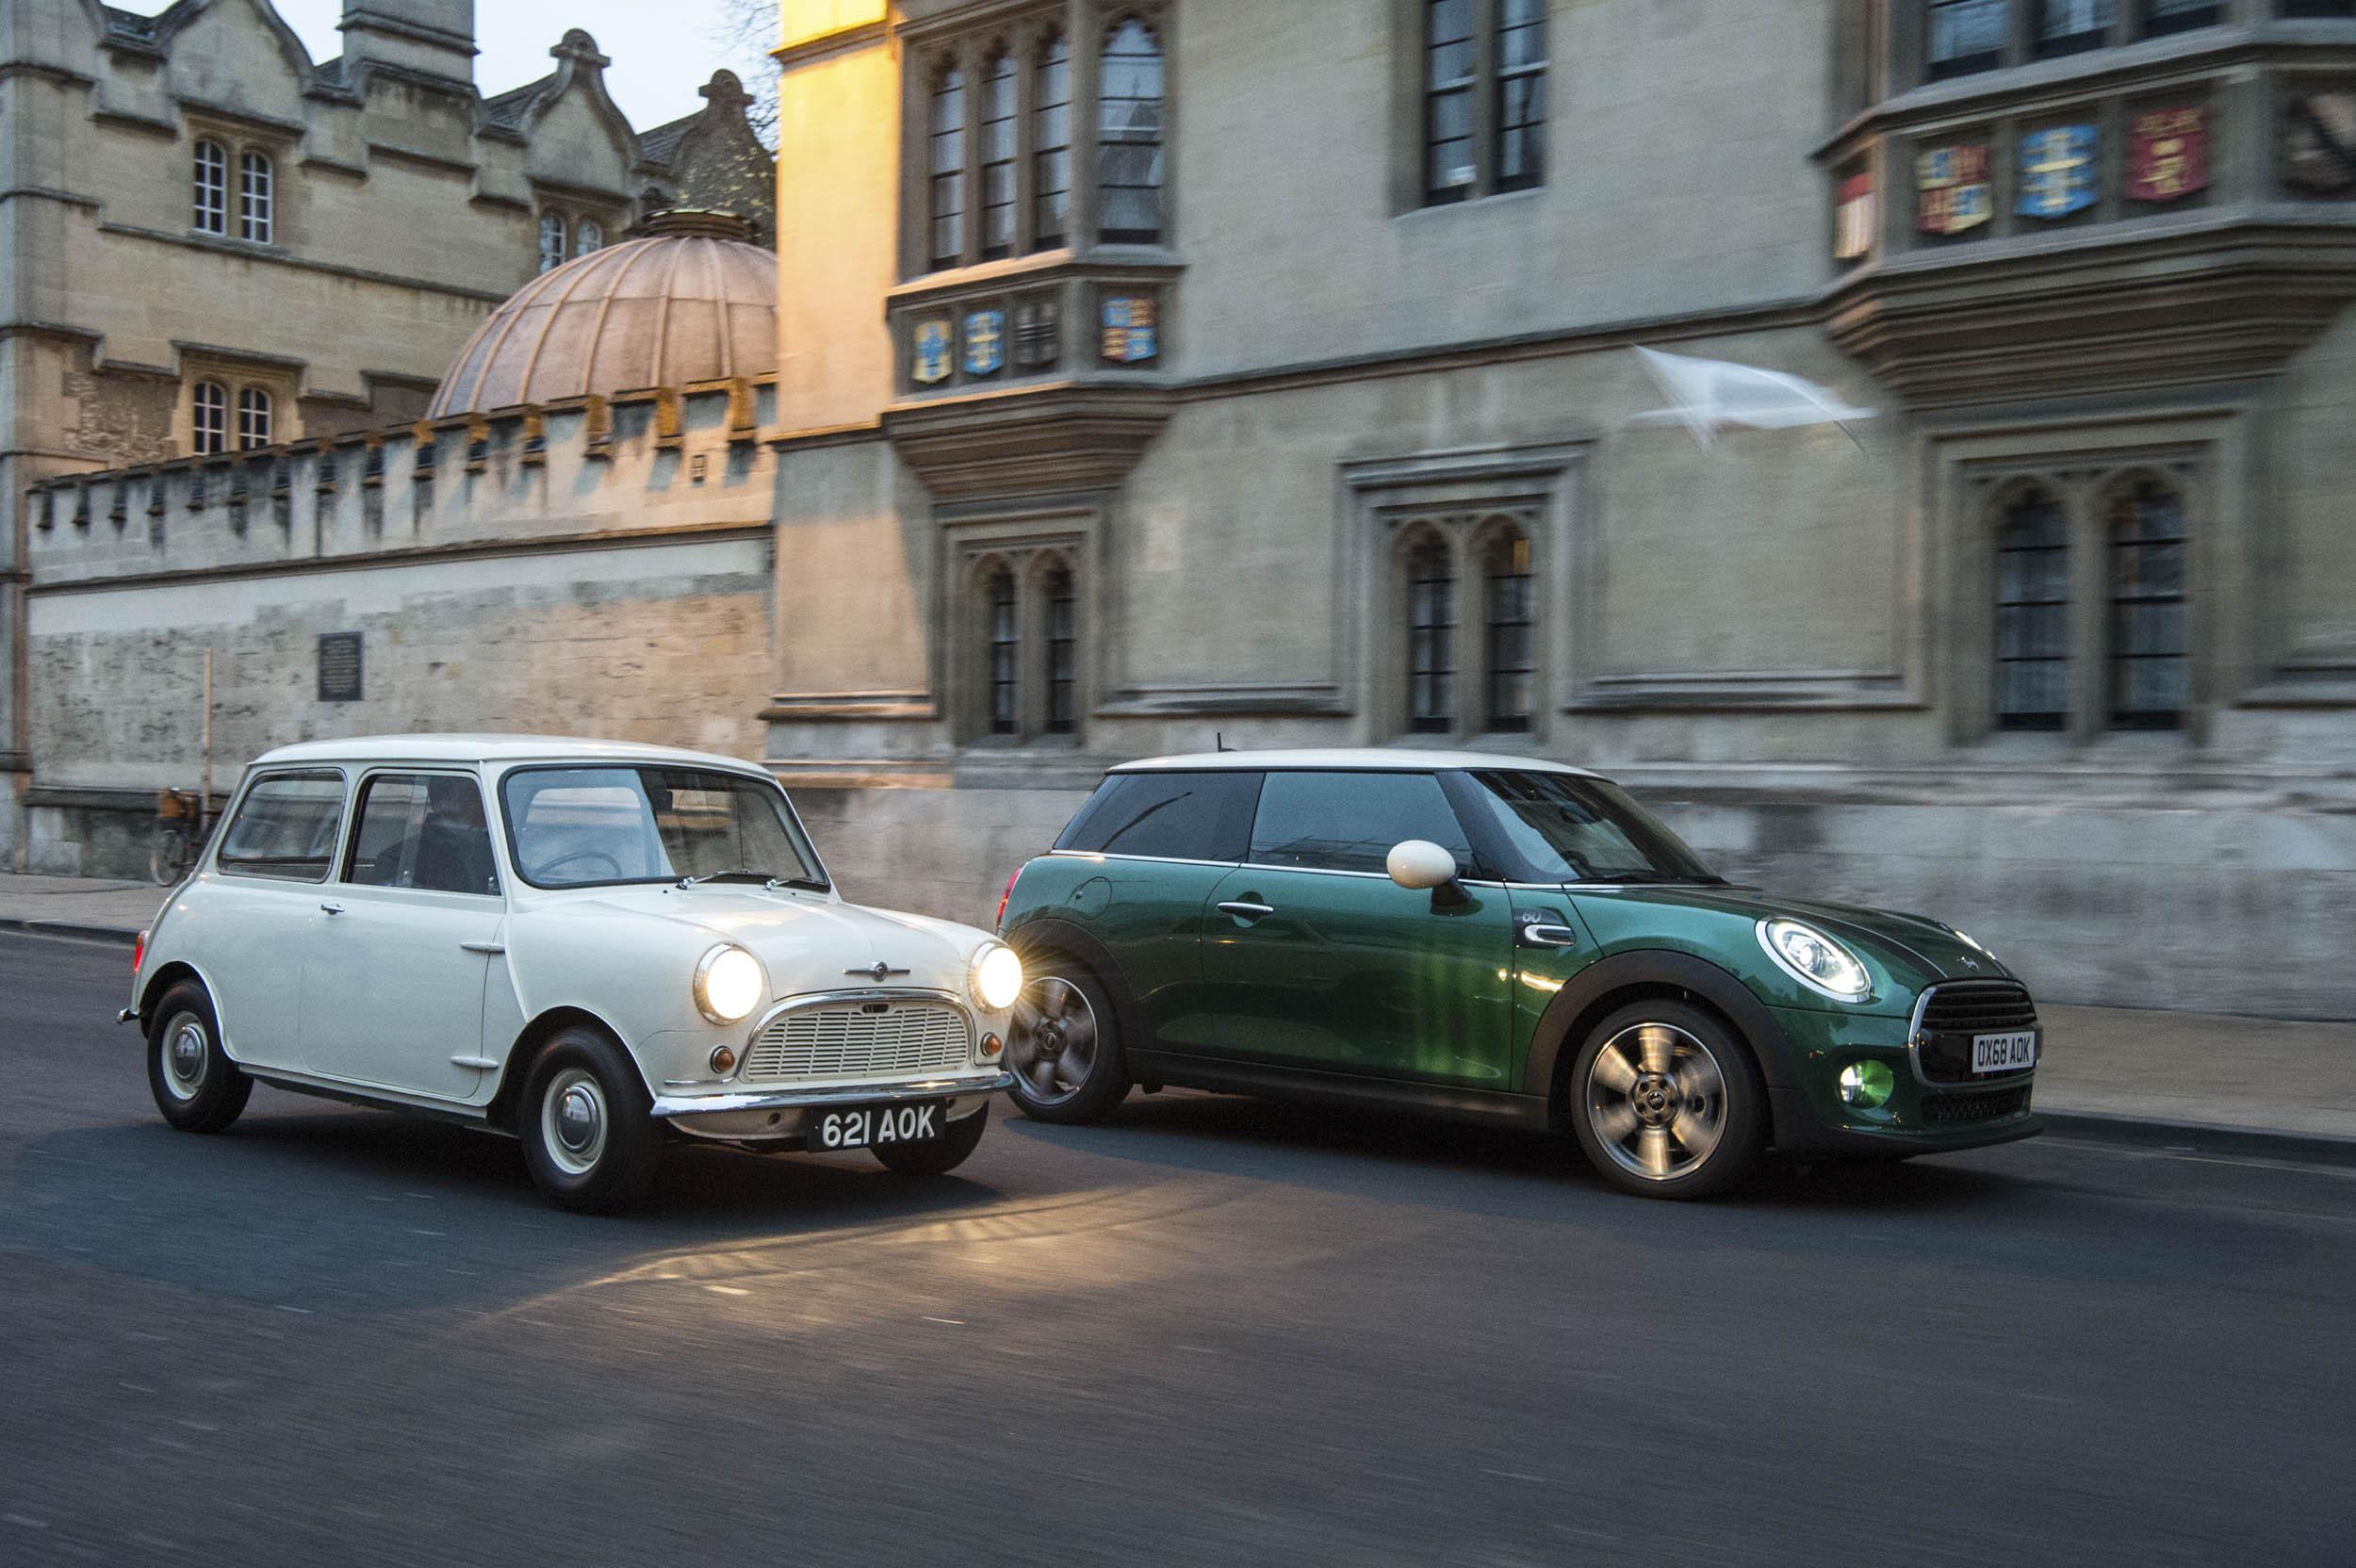 1959 Morris Mini-Minor with 60th anniversary Mini Cooper driving